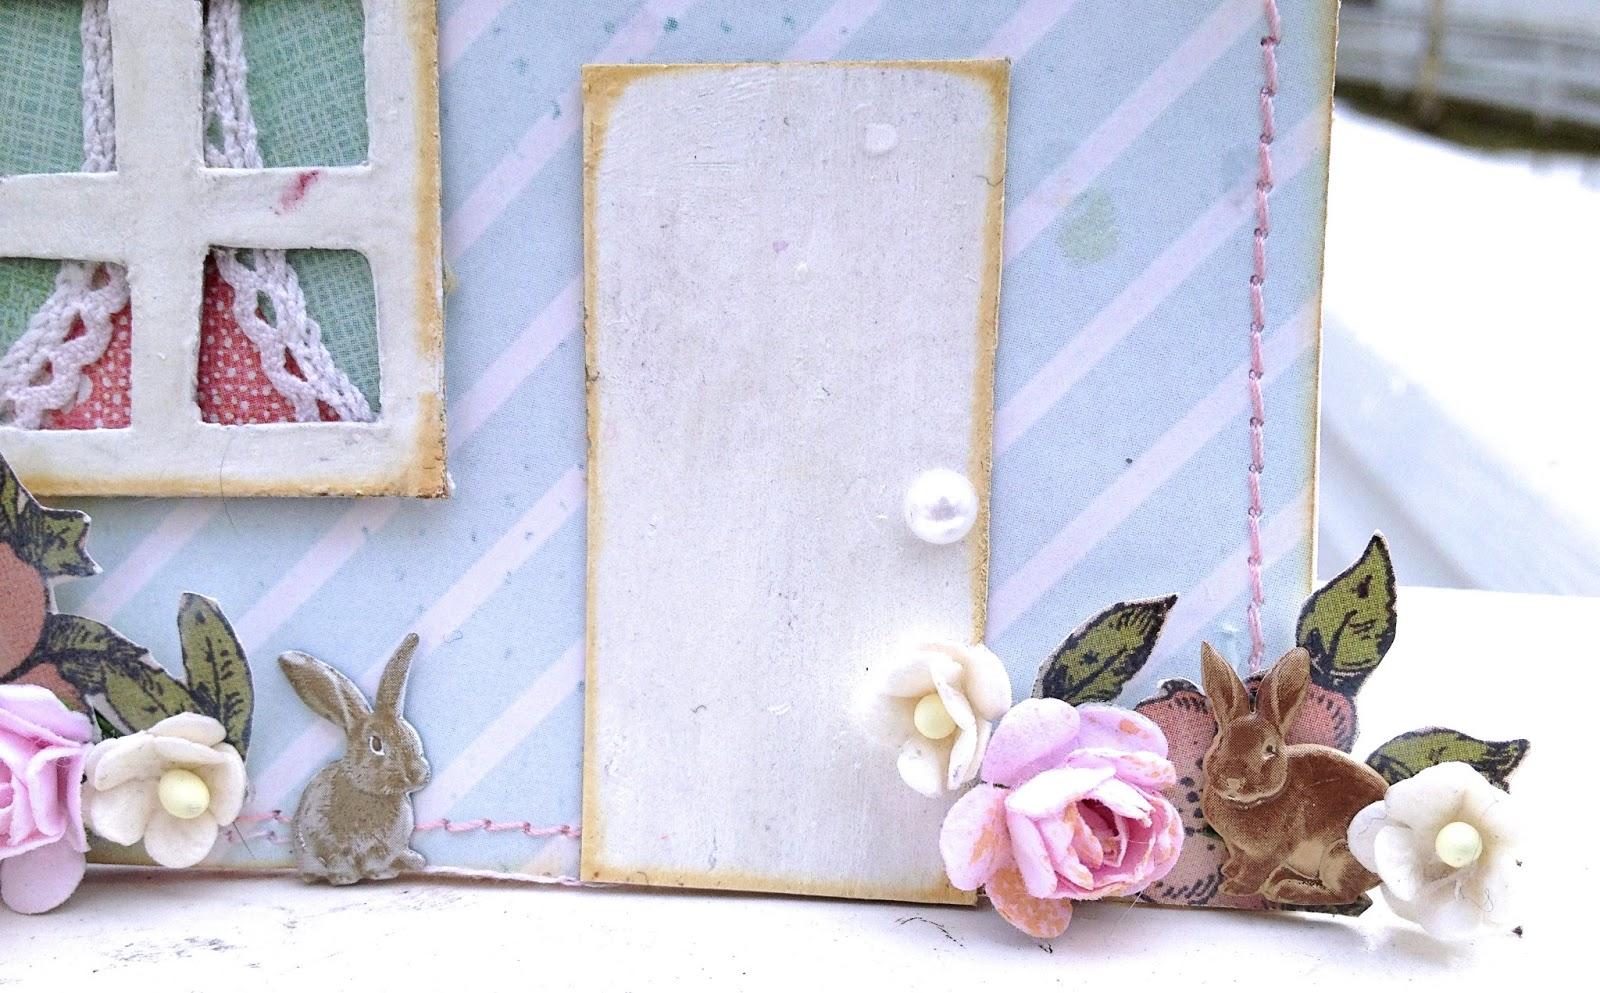 http://2.bp.blogspot.com/-rndEYEQVVZ8/US2Oa4RA_GI/AAAAAAAACjQ/X9UKwaHwELA/s1600/EasterNicPhoto4+(1).jpg